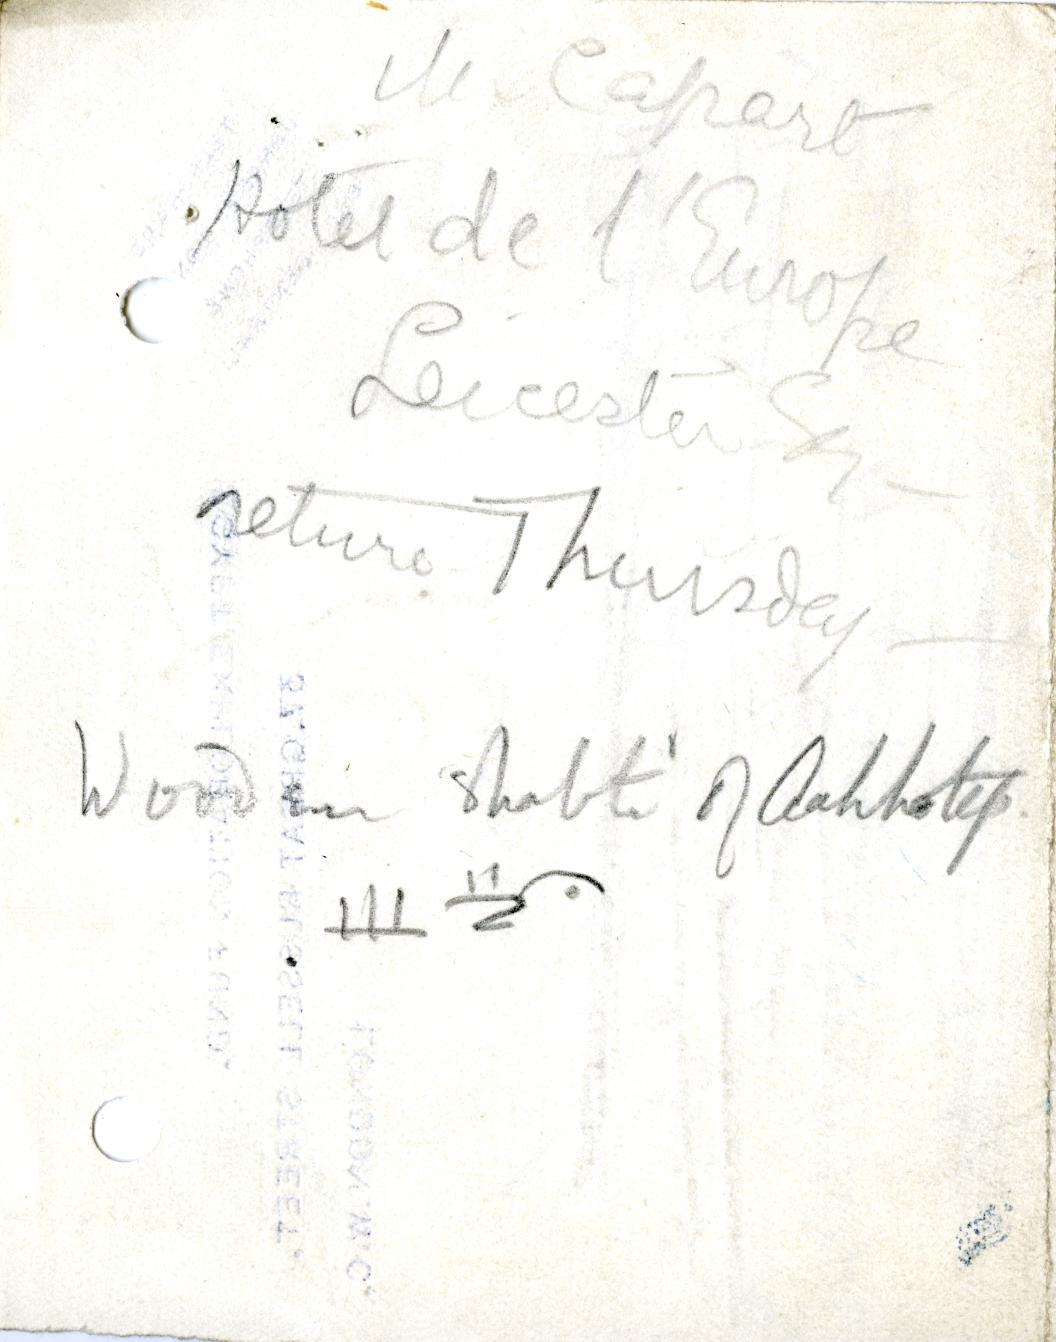 1906-07 Deir el-Bahri, Oxyrhynchus, Ihnasya DIST.28.05g